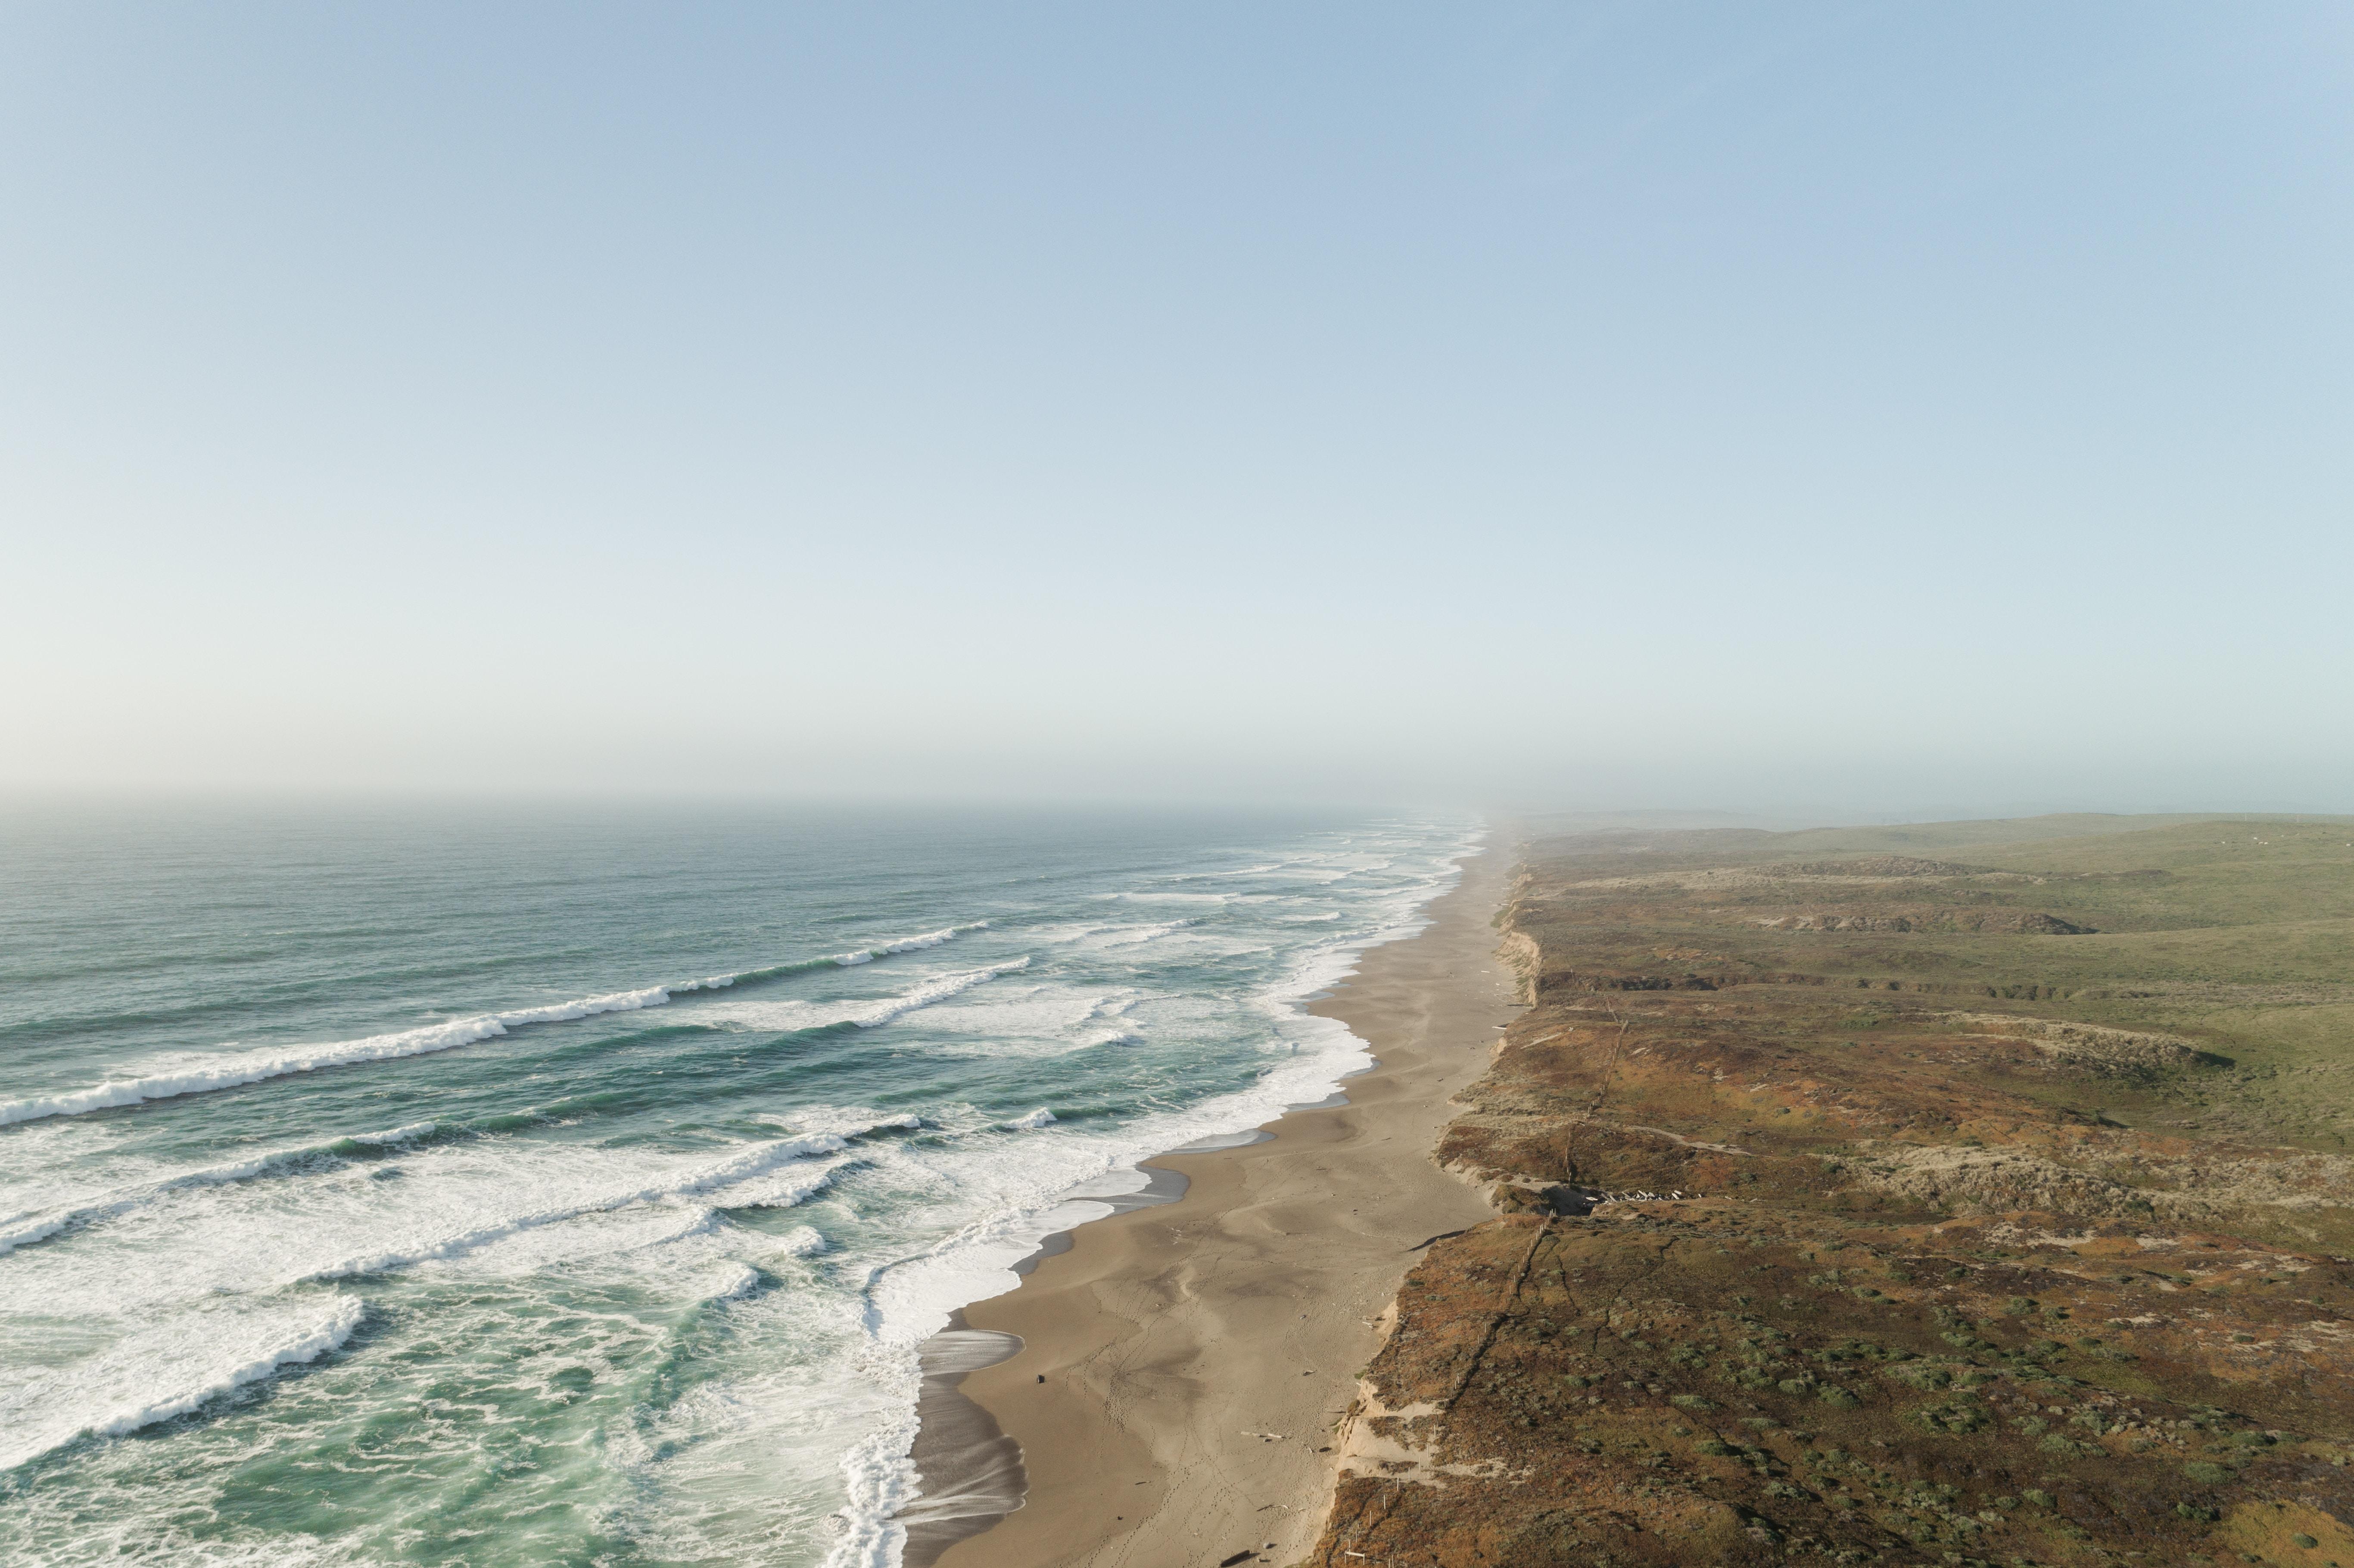 ocean near desert under white clouds during daytime